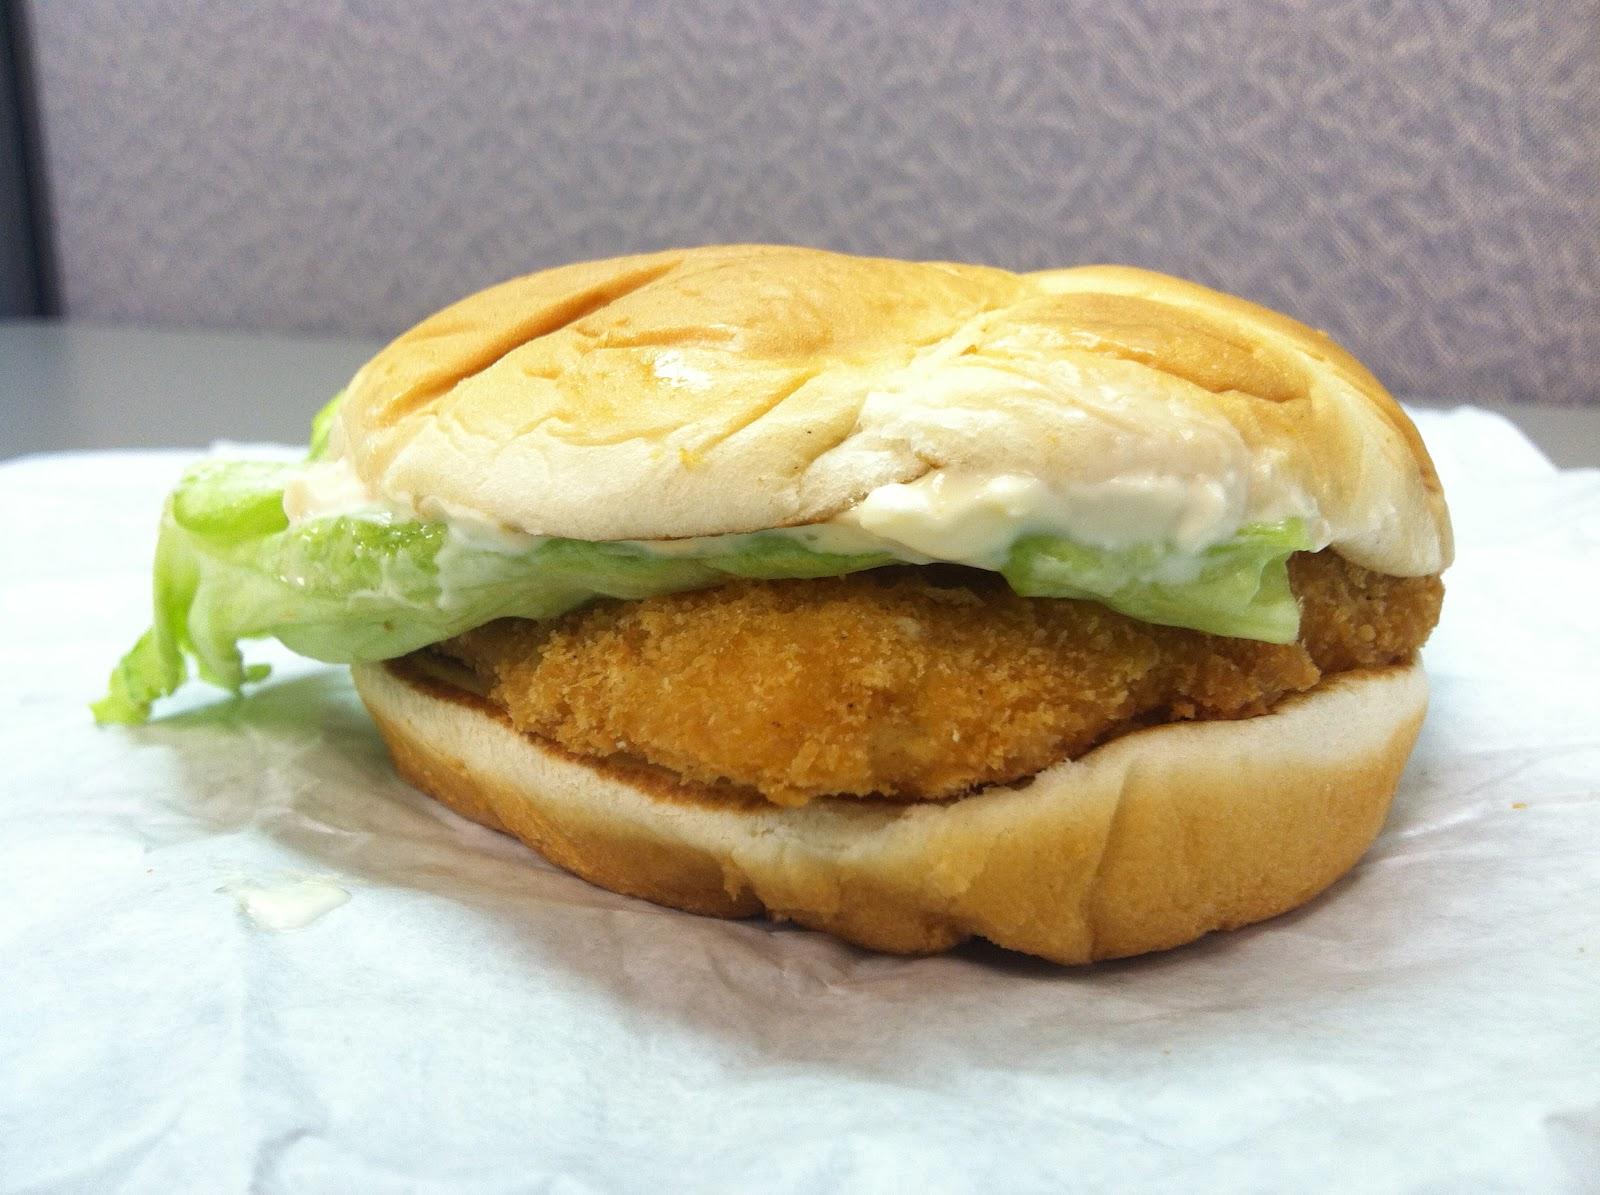 Mcdonalds fish fillet for Mcdonalds fish sandwich nutrition